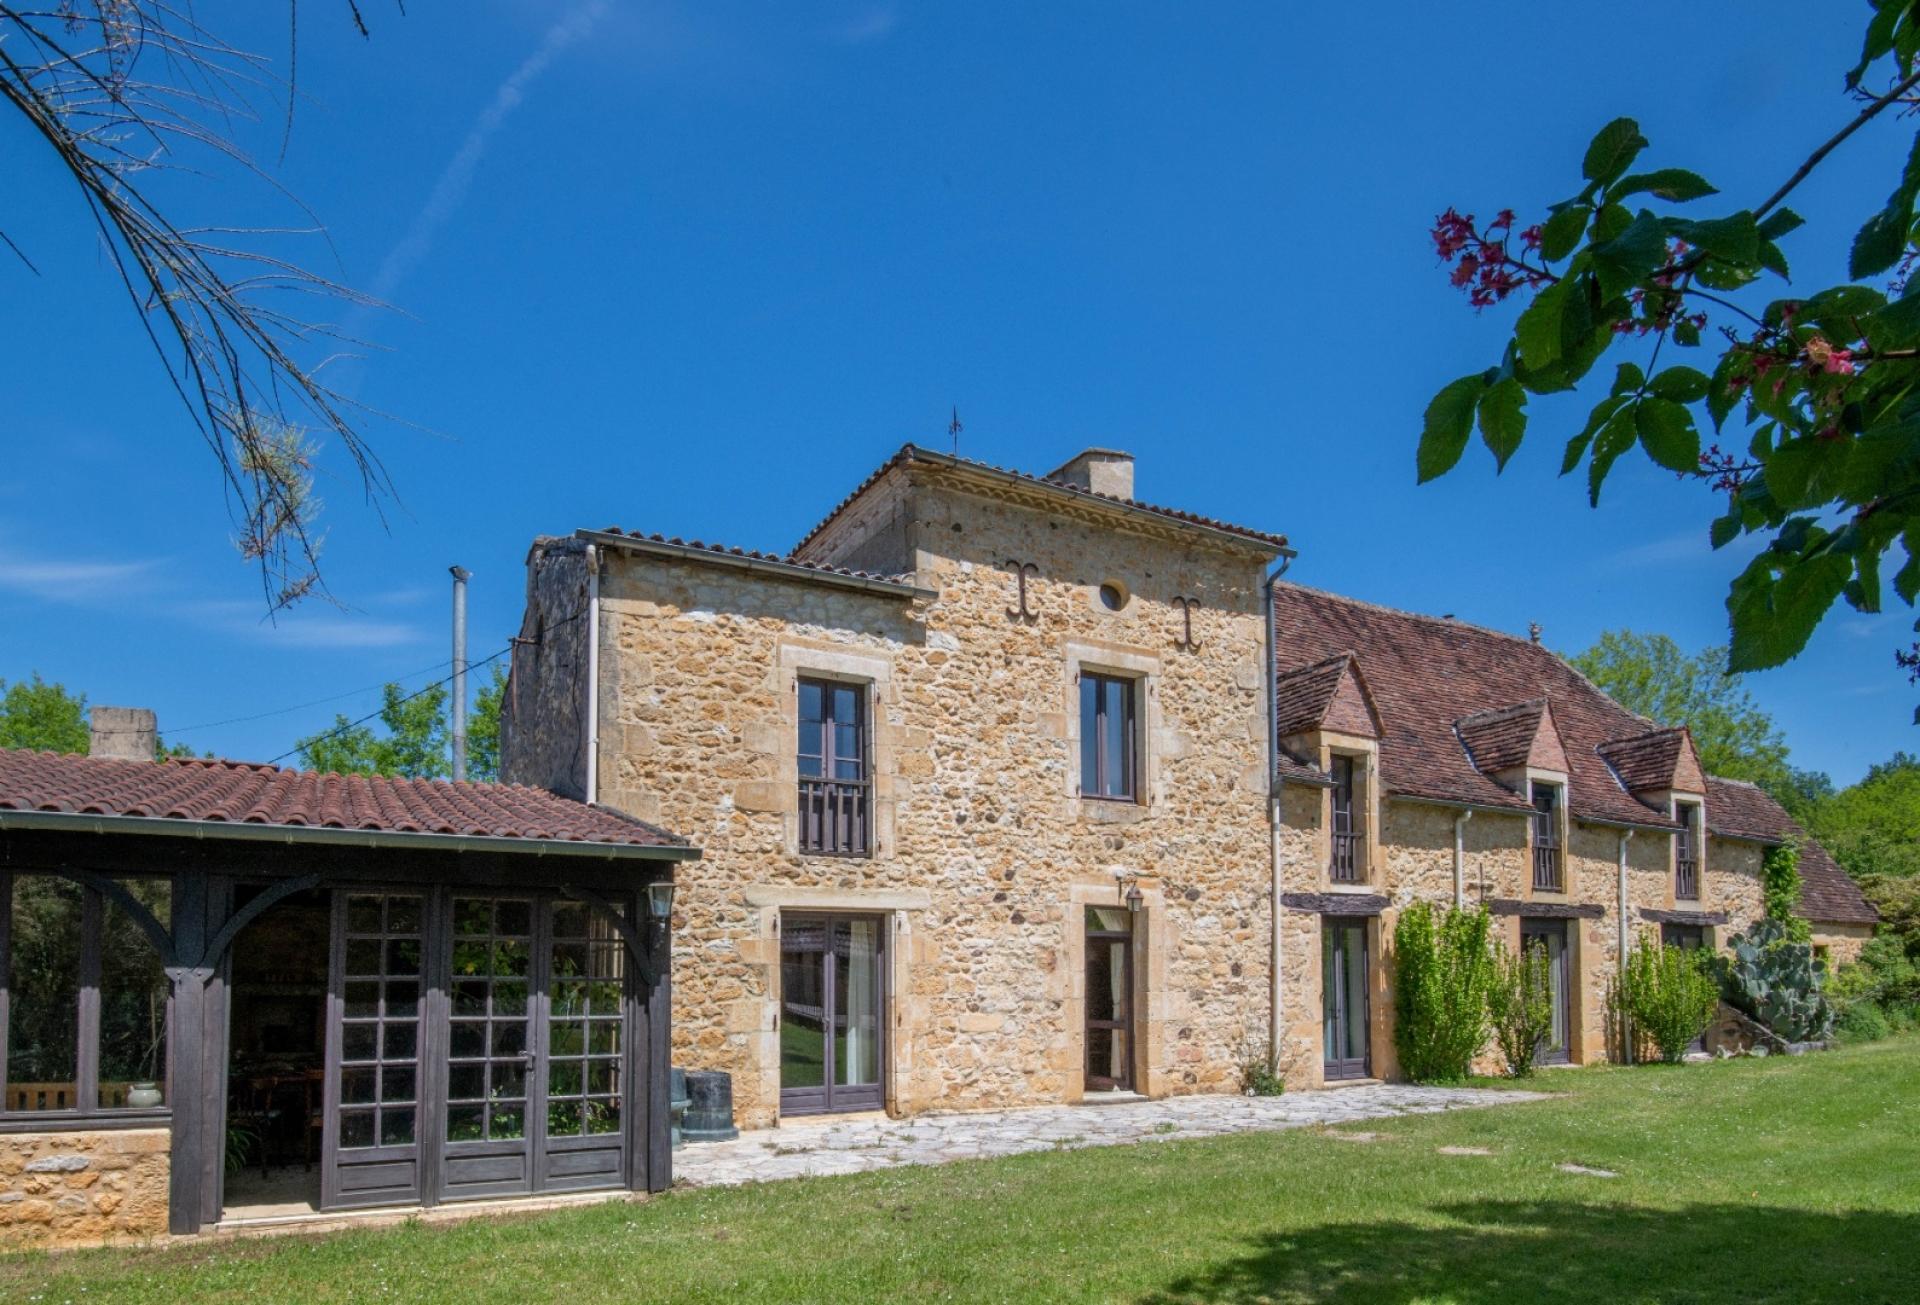 Gourdon, Ancienne maison bourgeoise sur 1ha,